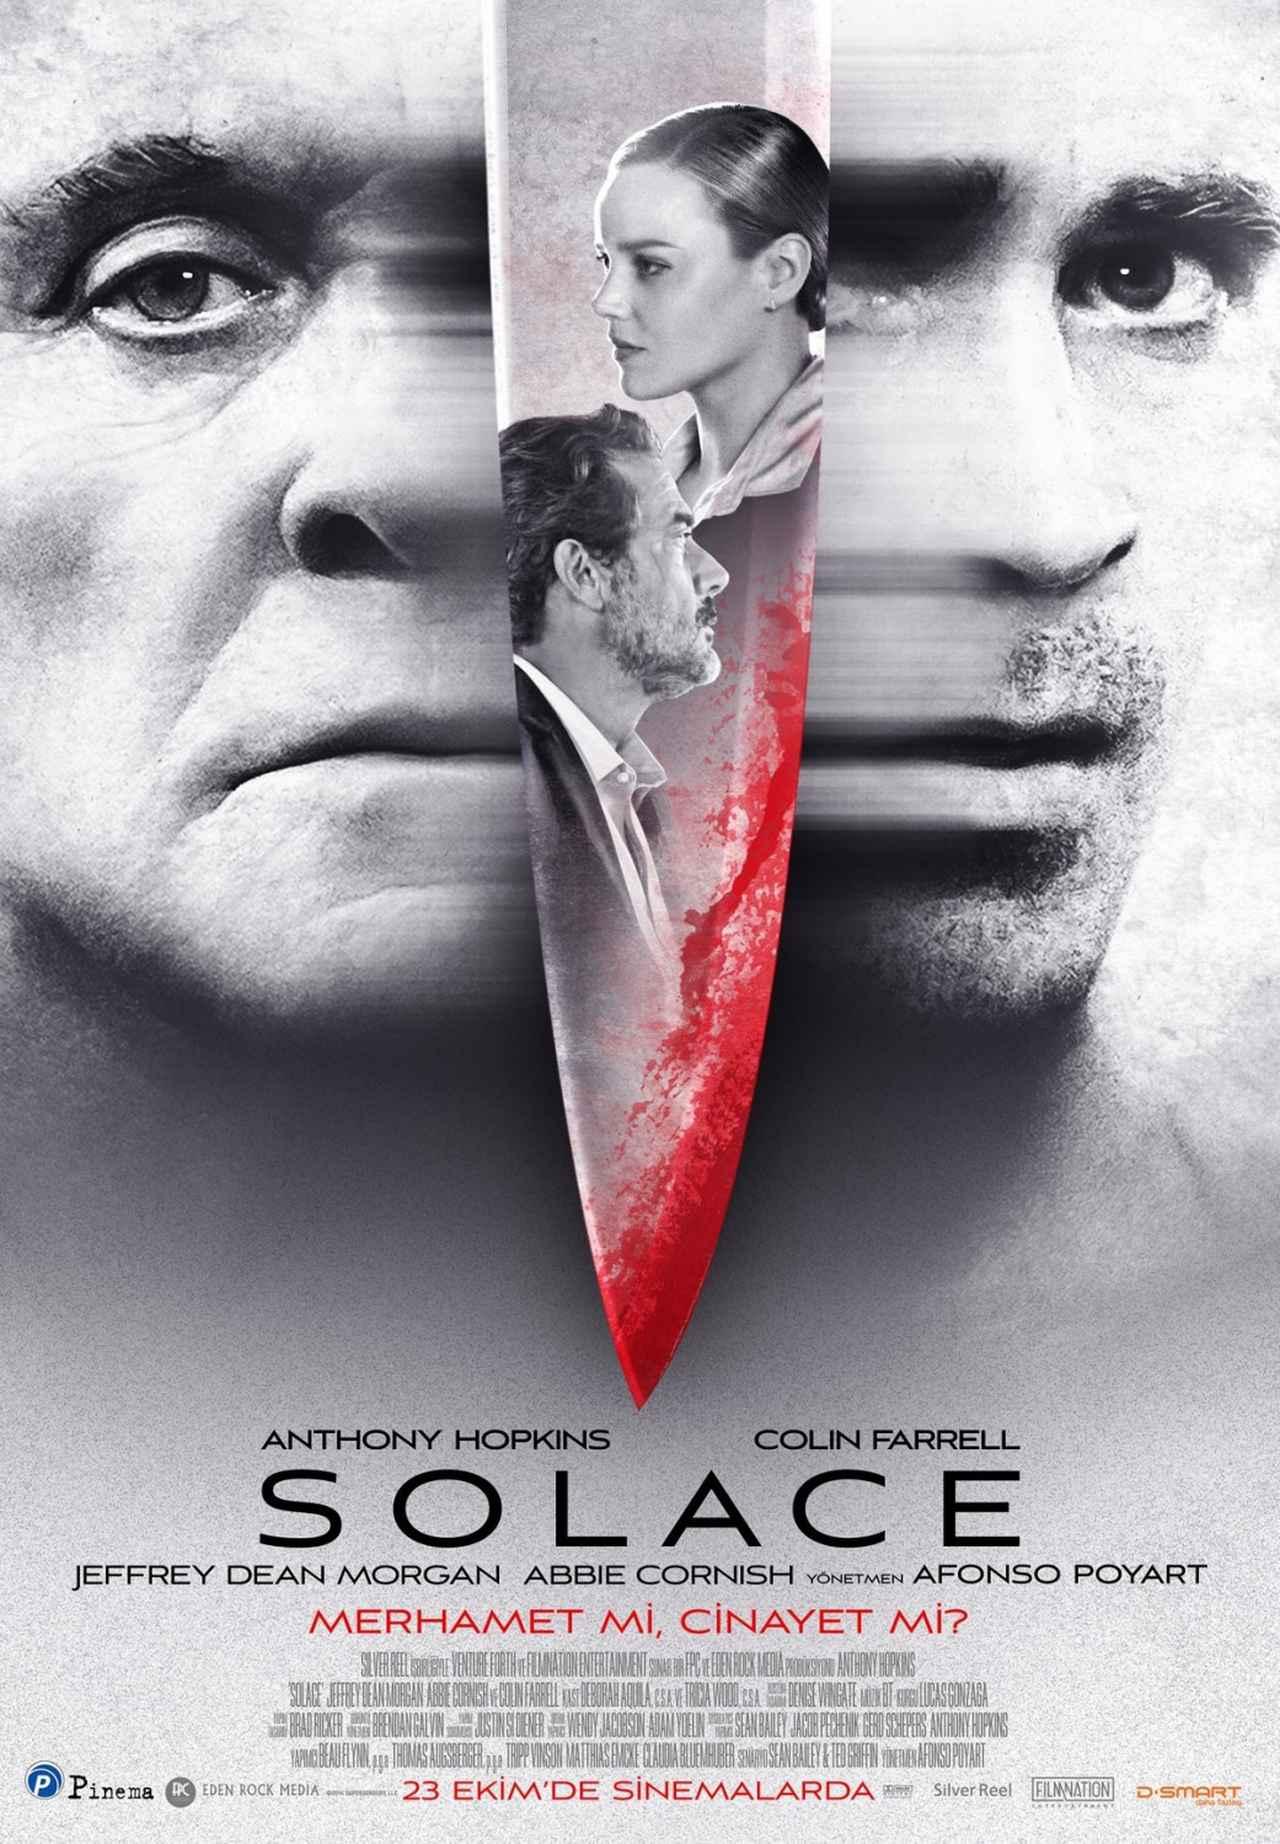 画像1: http://www.joblo.com/movie-posters/2016/solace